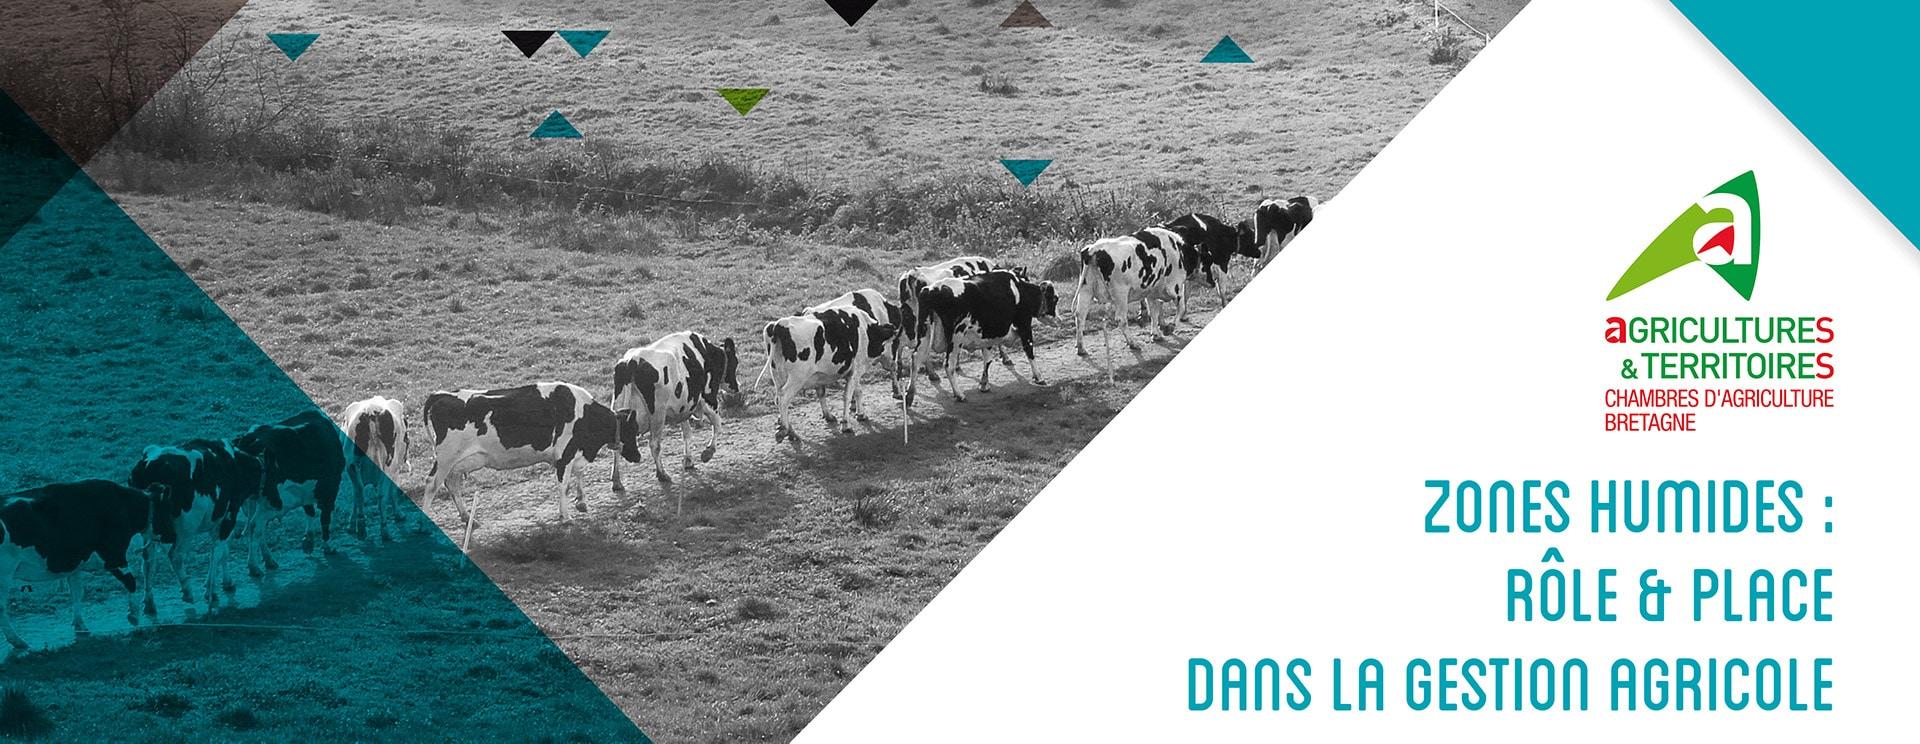 Guide des zones humides, communication Chambre agriculture de Bretagne